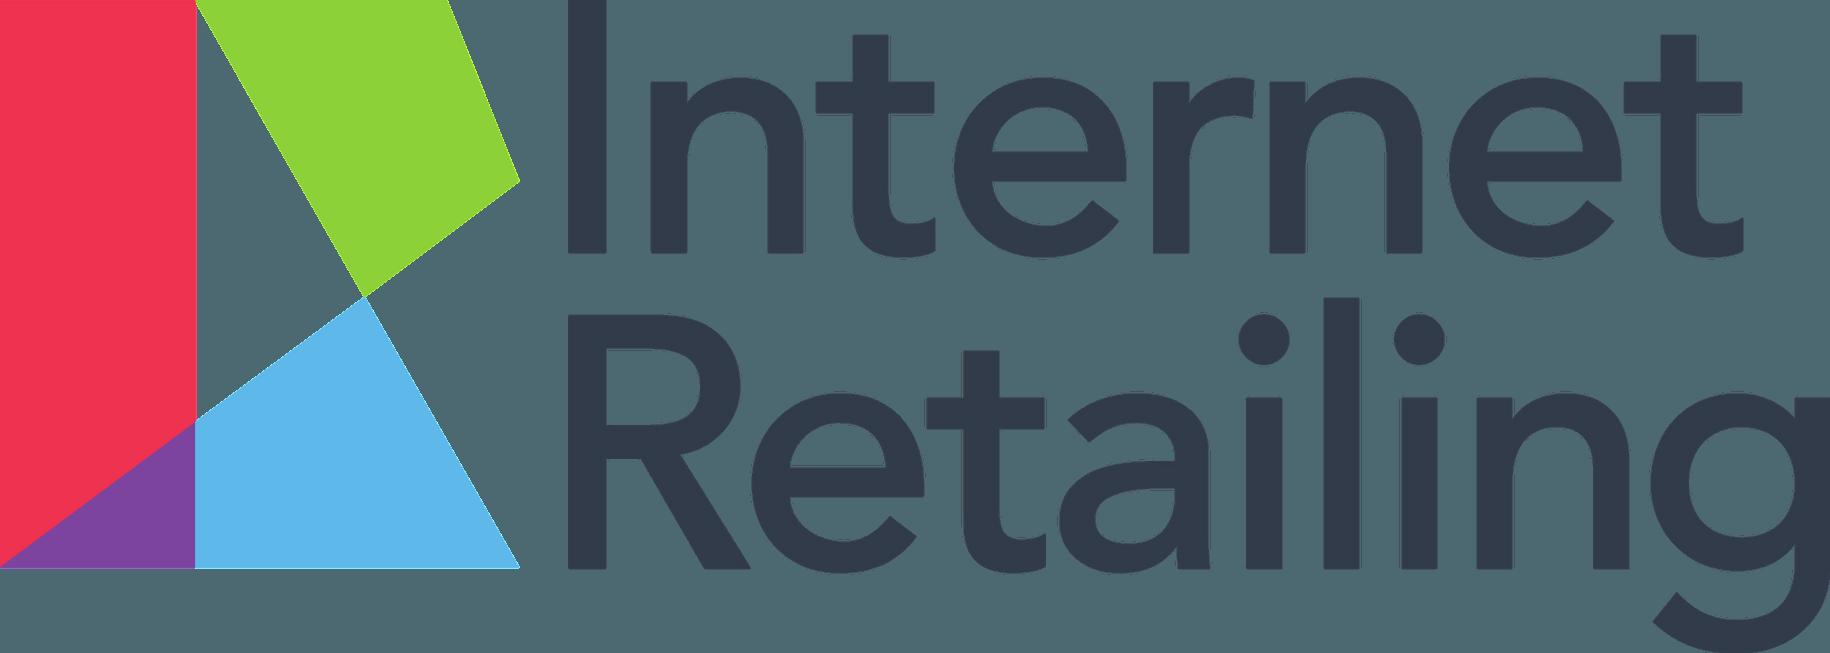 InternetRetailing